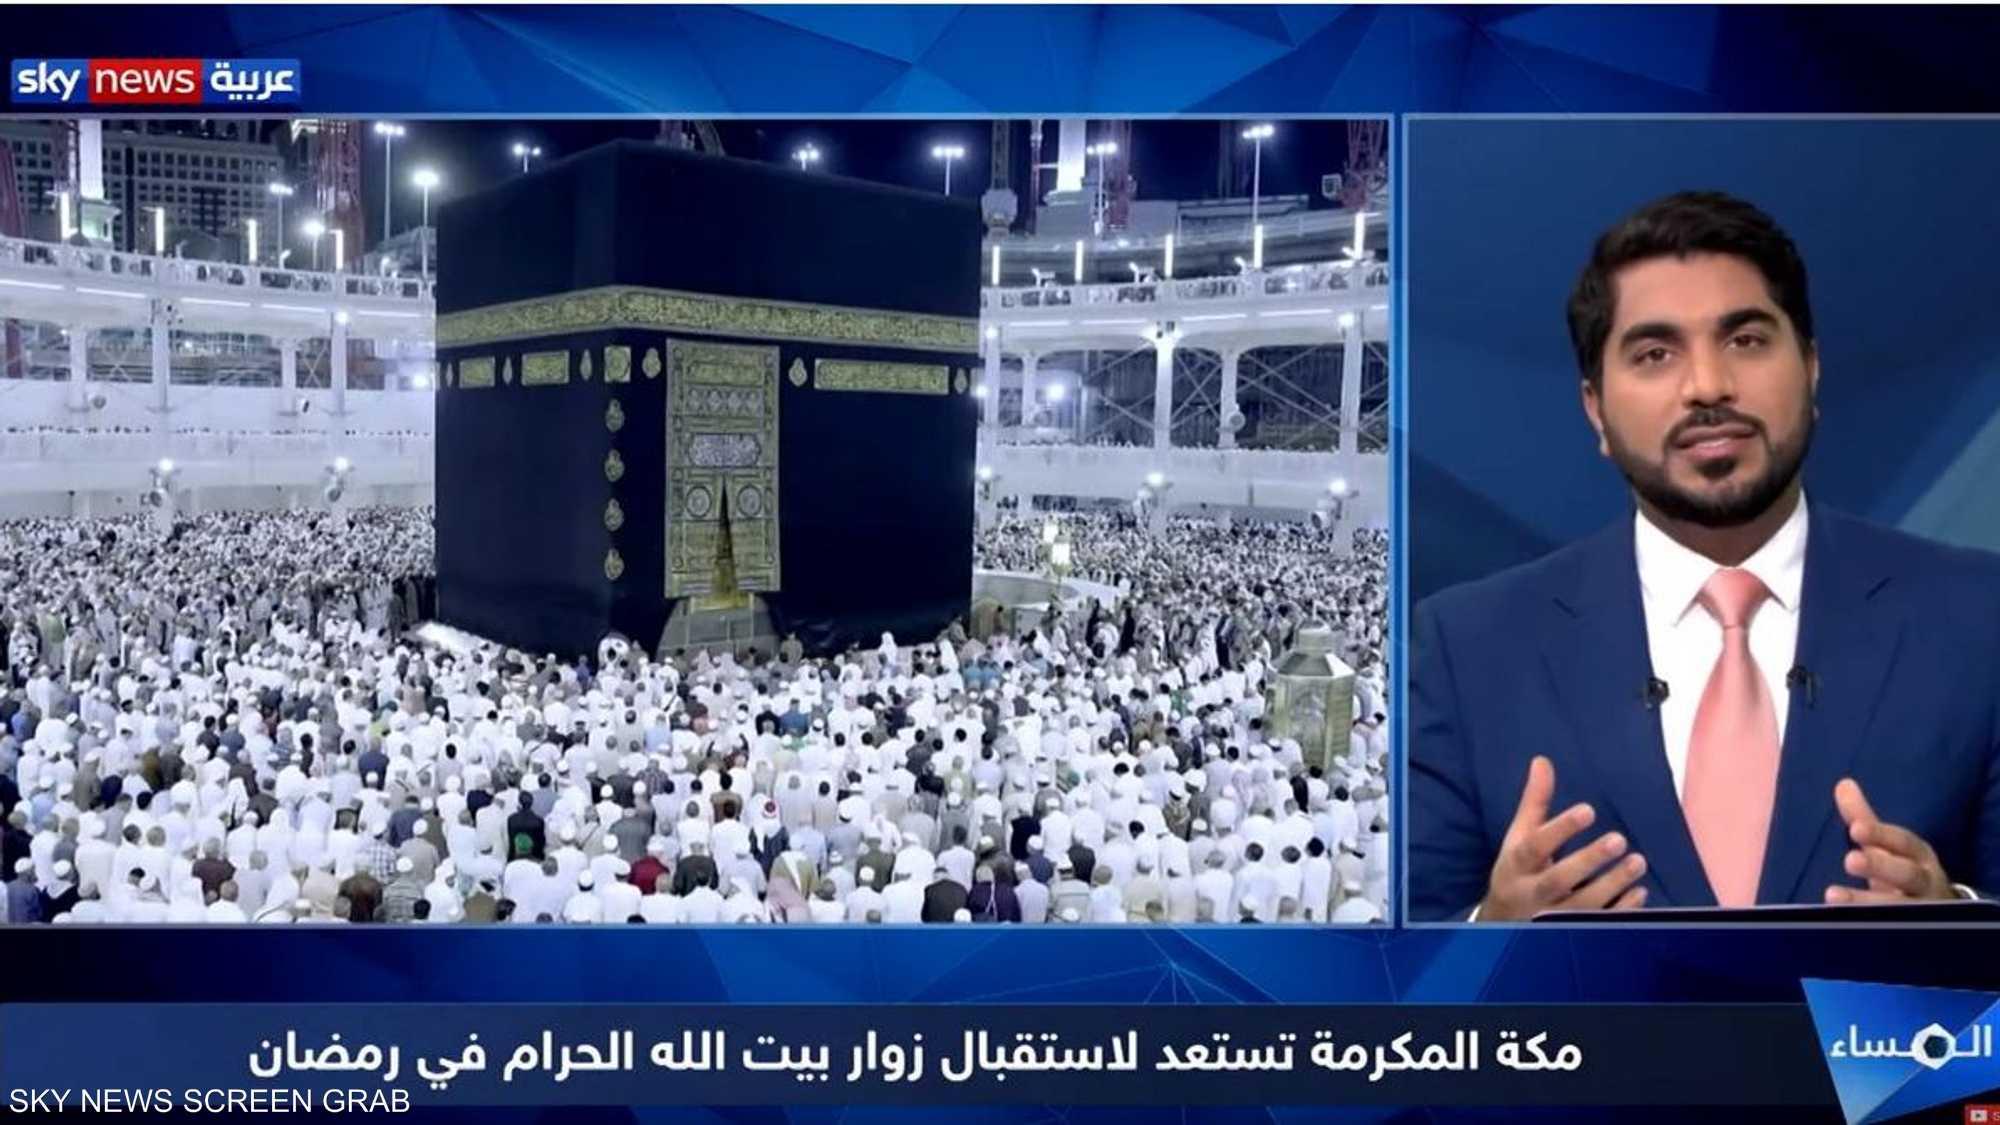 مكة المكرمة تستعد لاستقبال زوار بيت الله الحرام في رمضان